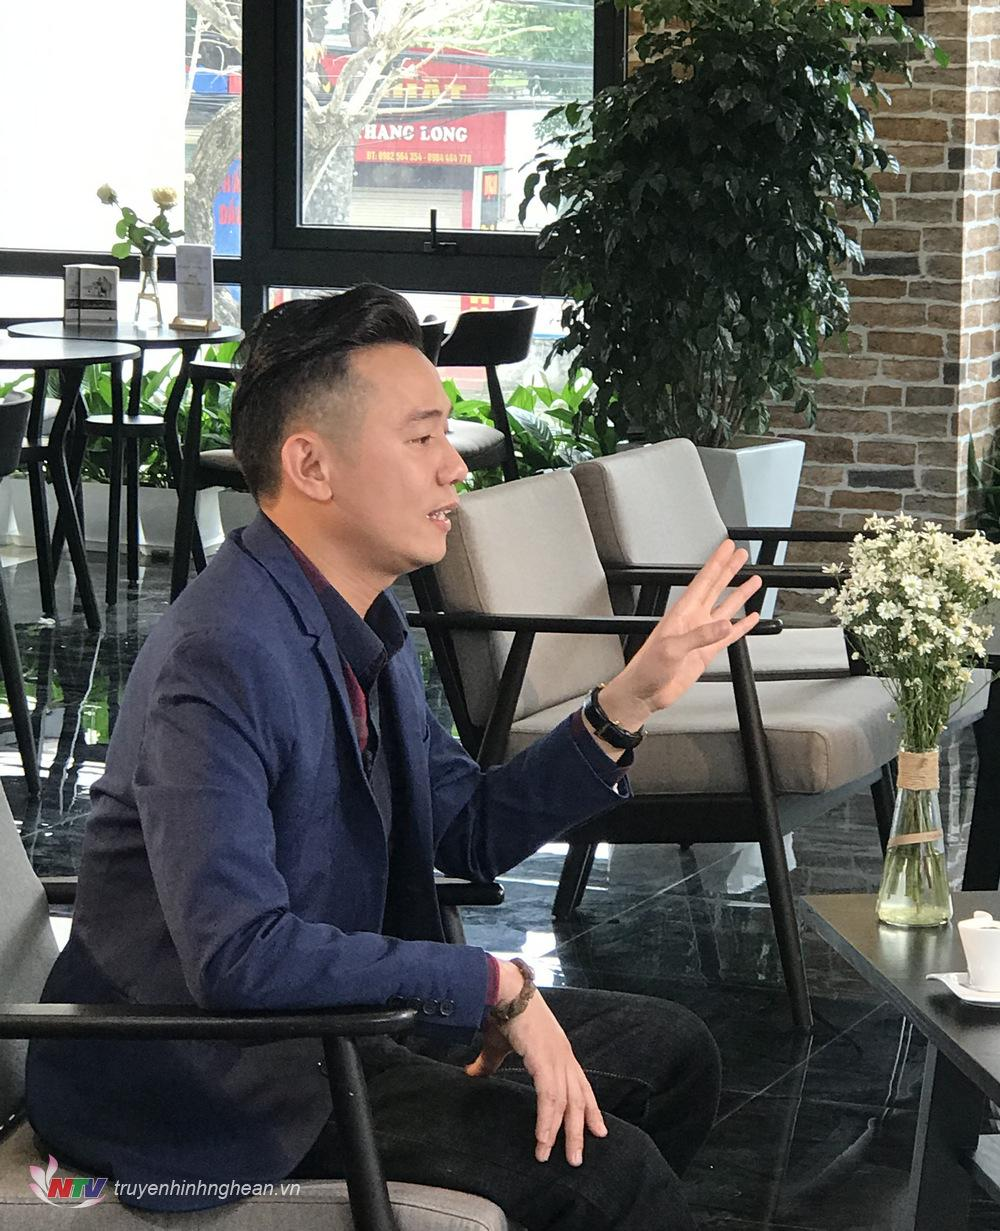 Diễn viên Việt Bắc - vai Thiên Lôi 3 trong Táo quân 2018  với câu mặc cả ấn tượng bằng giọng Nghệ